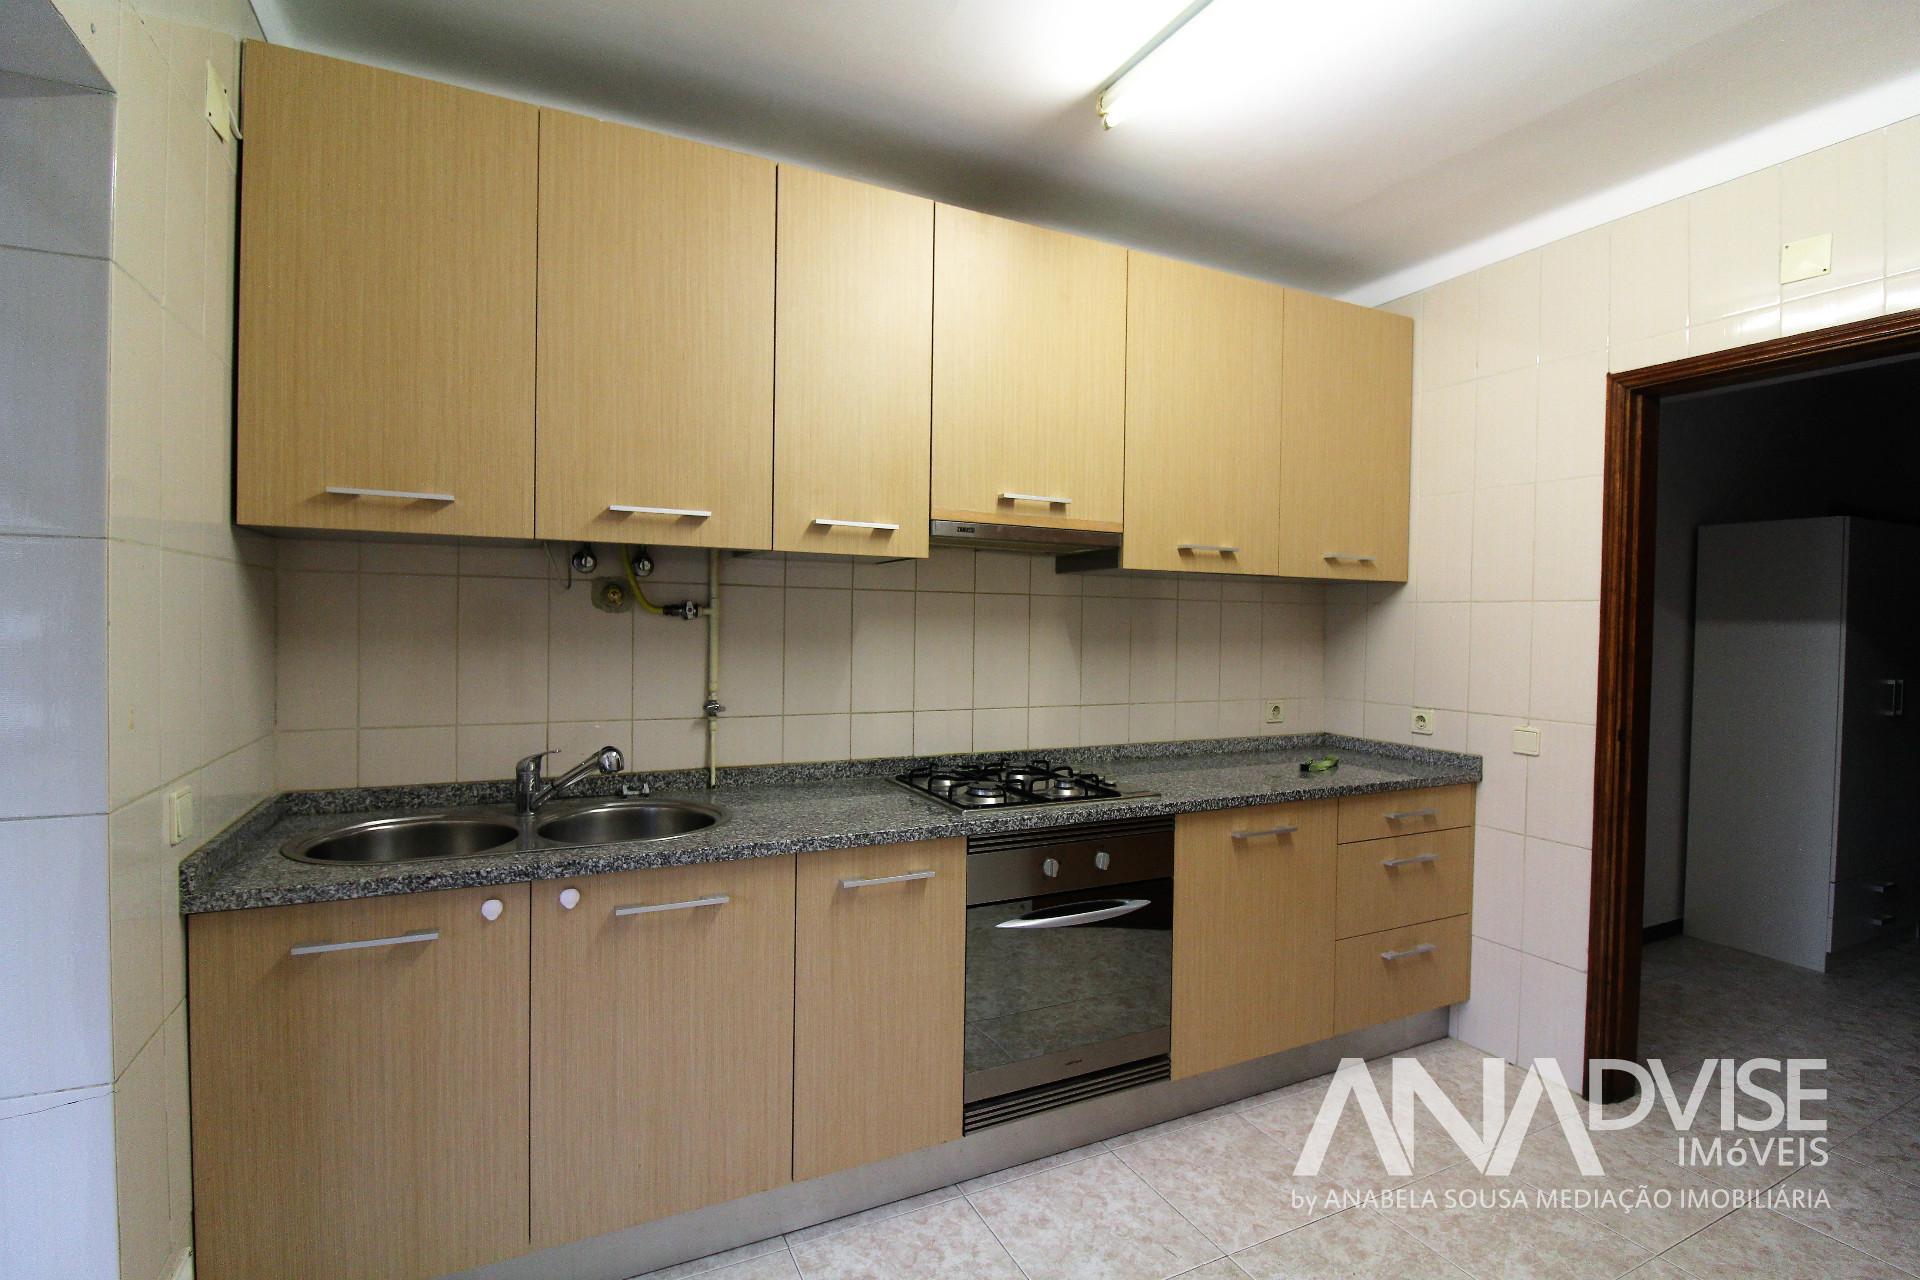 Appartement T2+1 DUPLEX